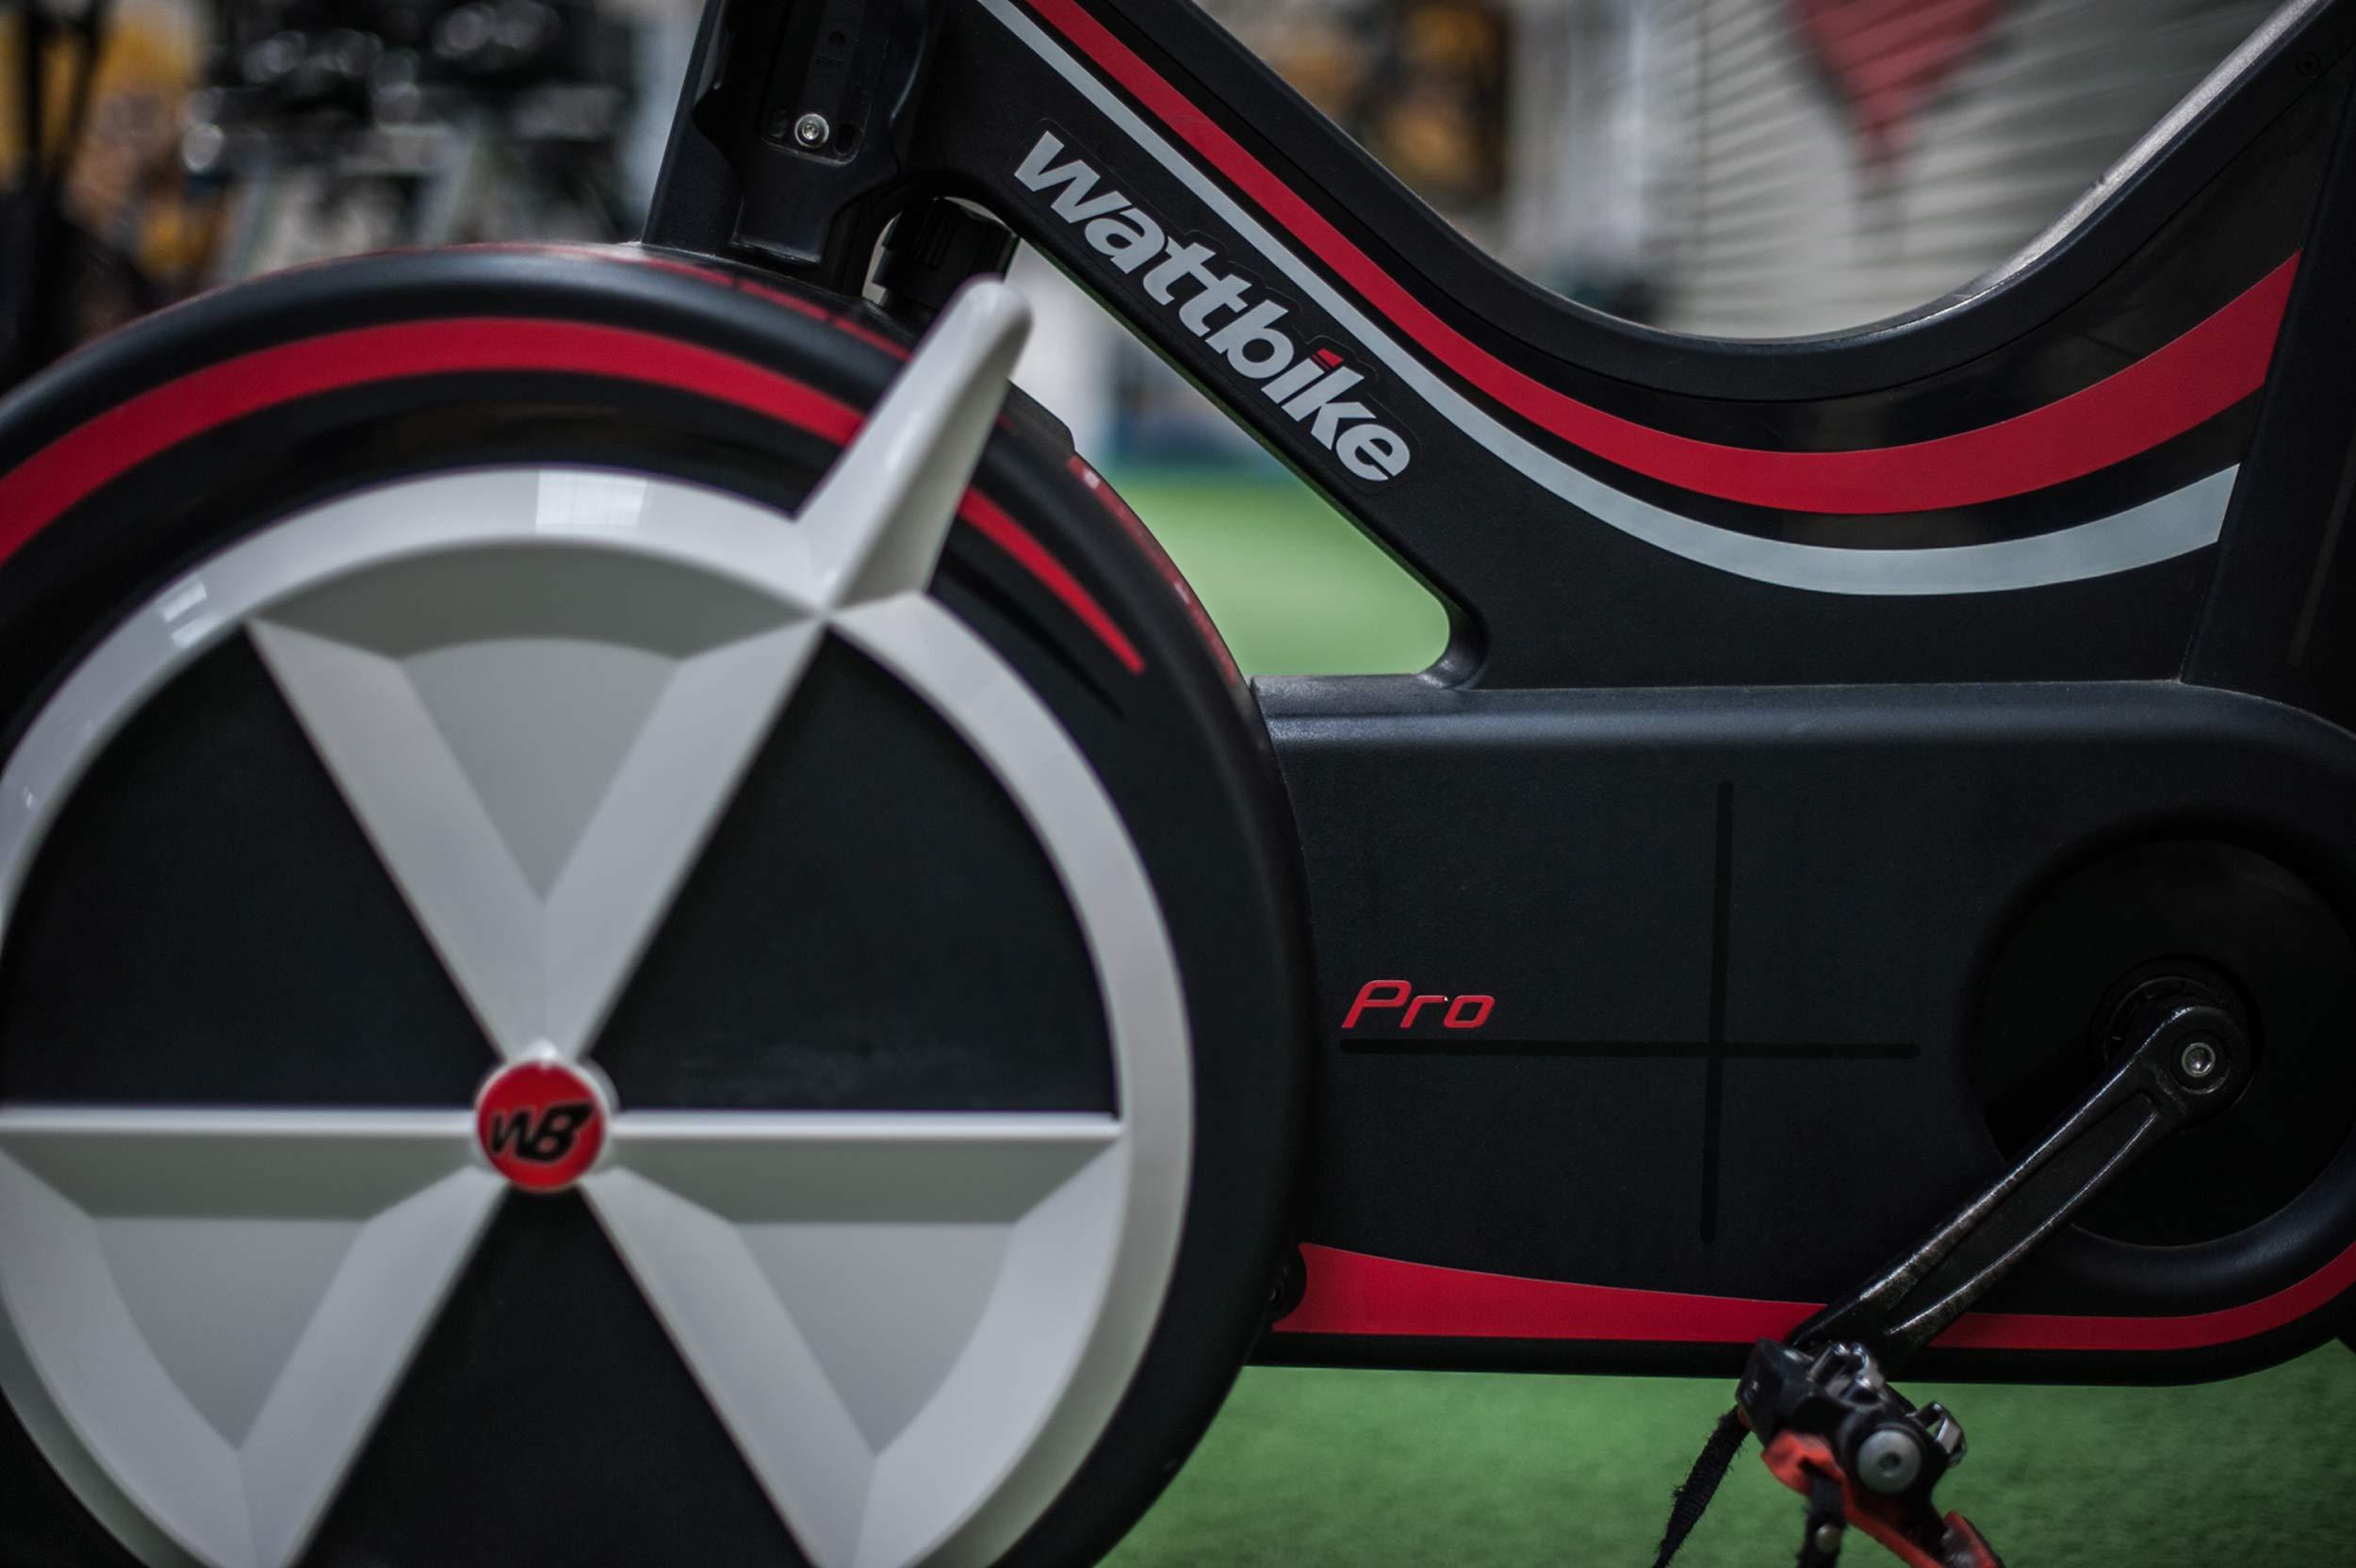 gym-66-cheltenham-strength-conditioning-wattbike-profile.JPG